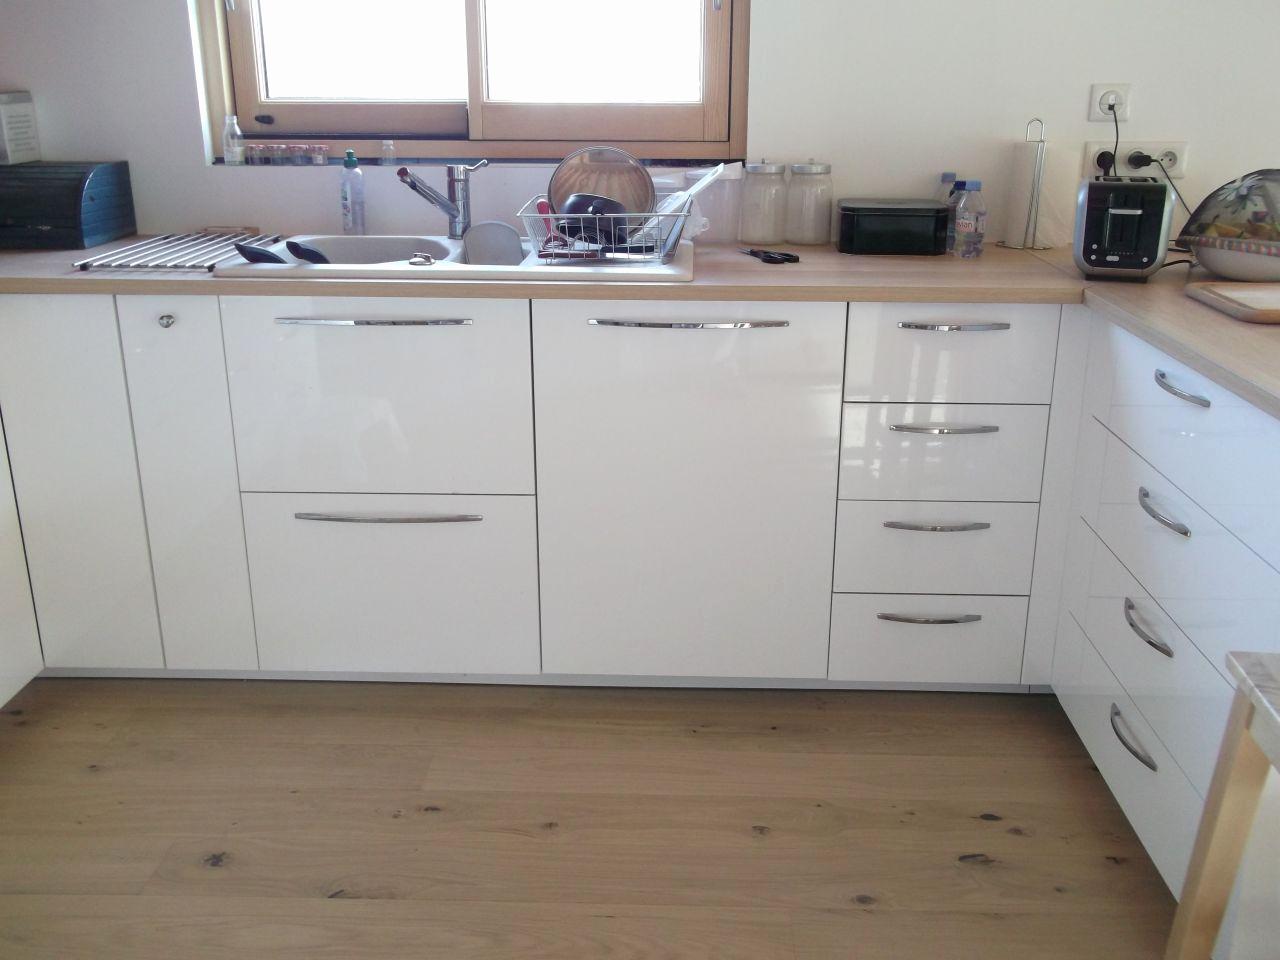 Cuisine Ikea Ringhult Blanc Brillant Avis Meilleur De Images Cuisine Ikea Avis élégant Cuisine Voxtorp Beige Brillant A White